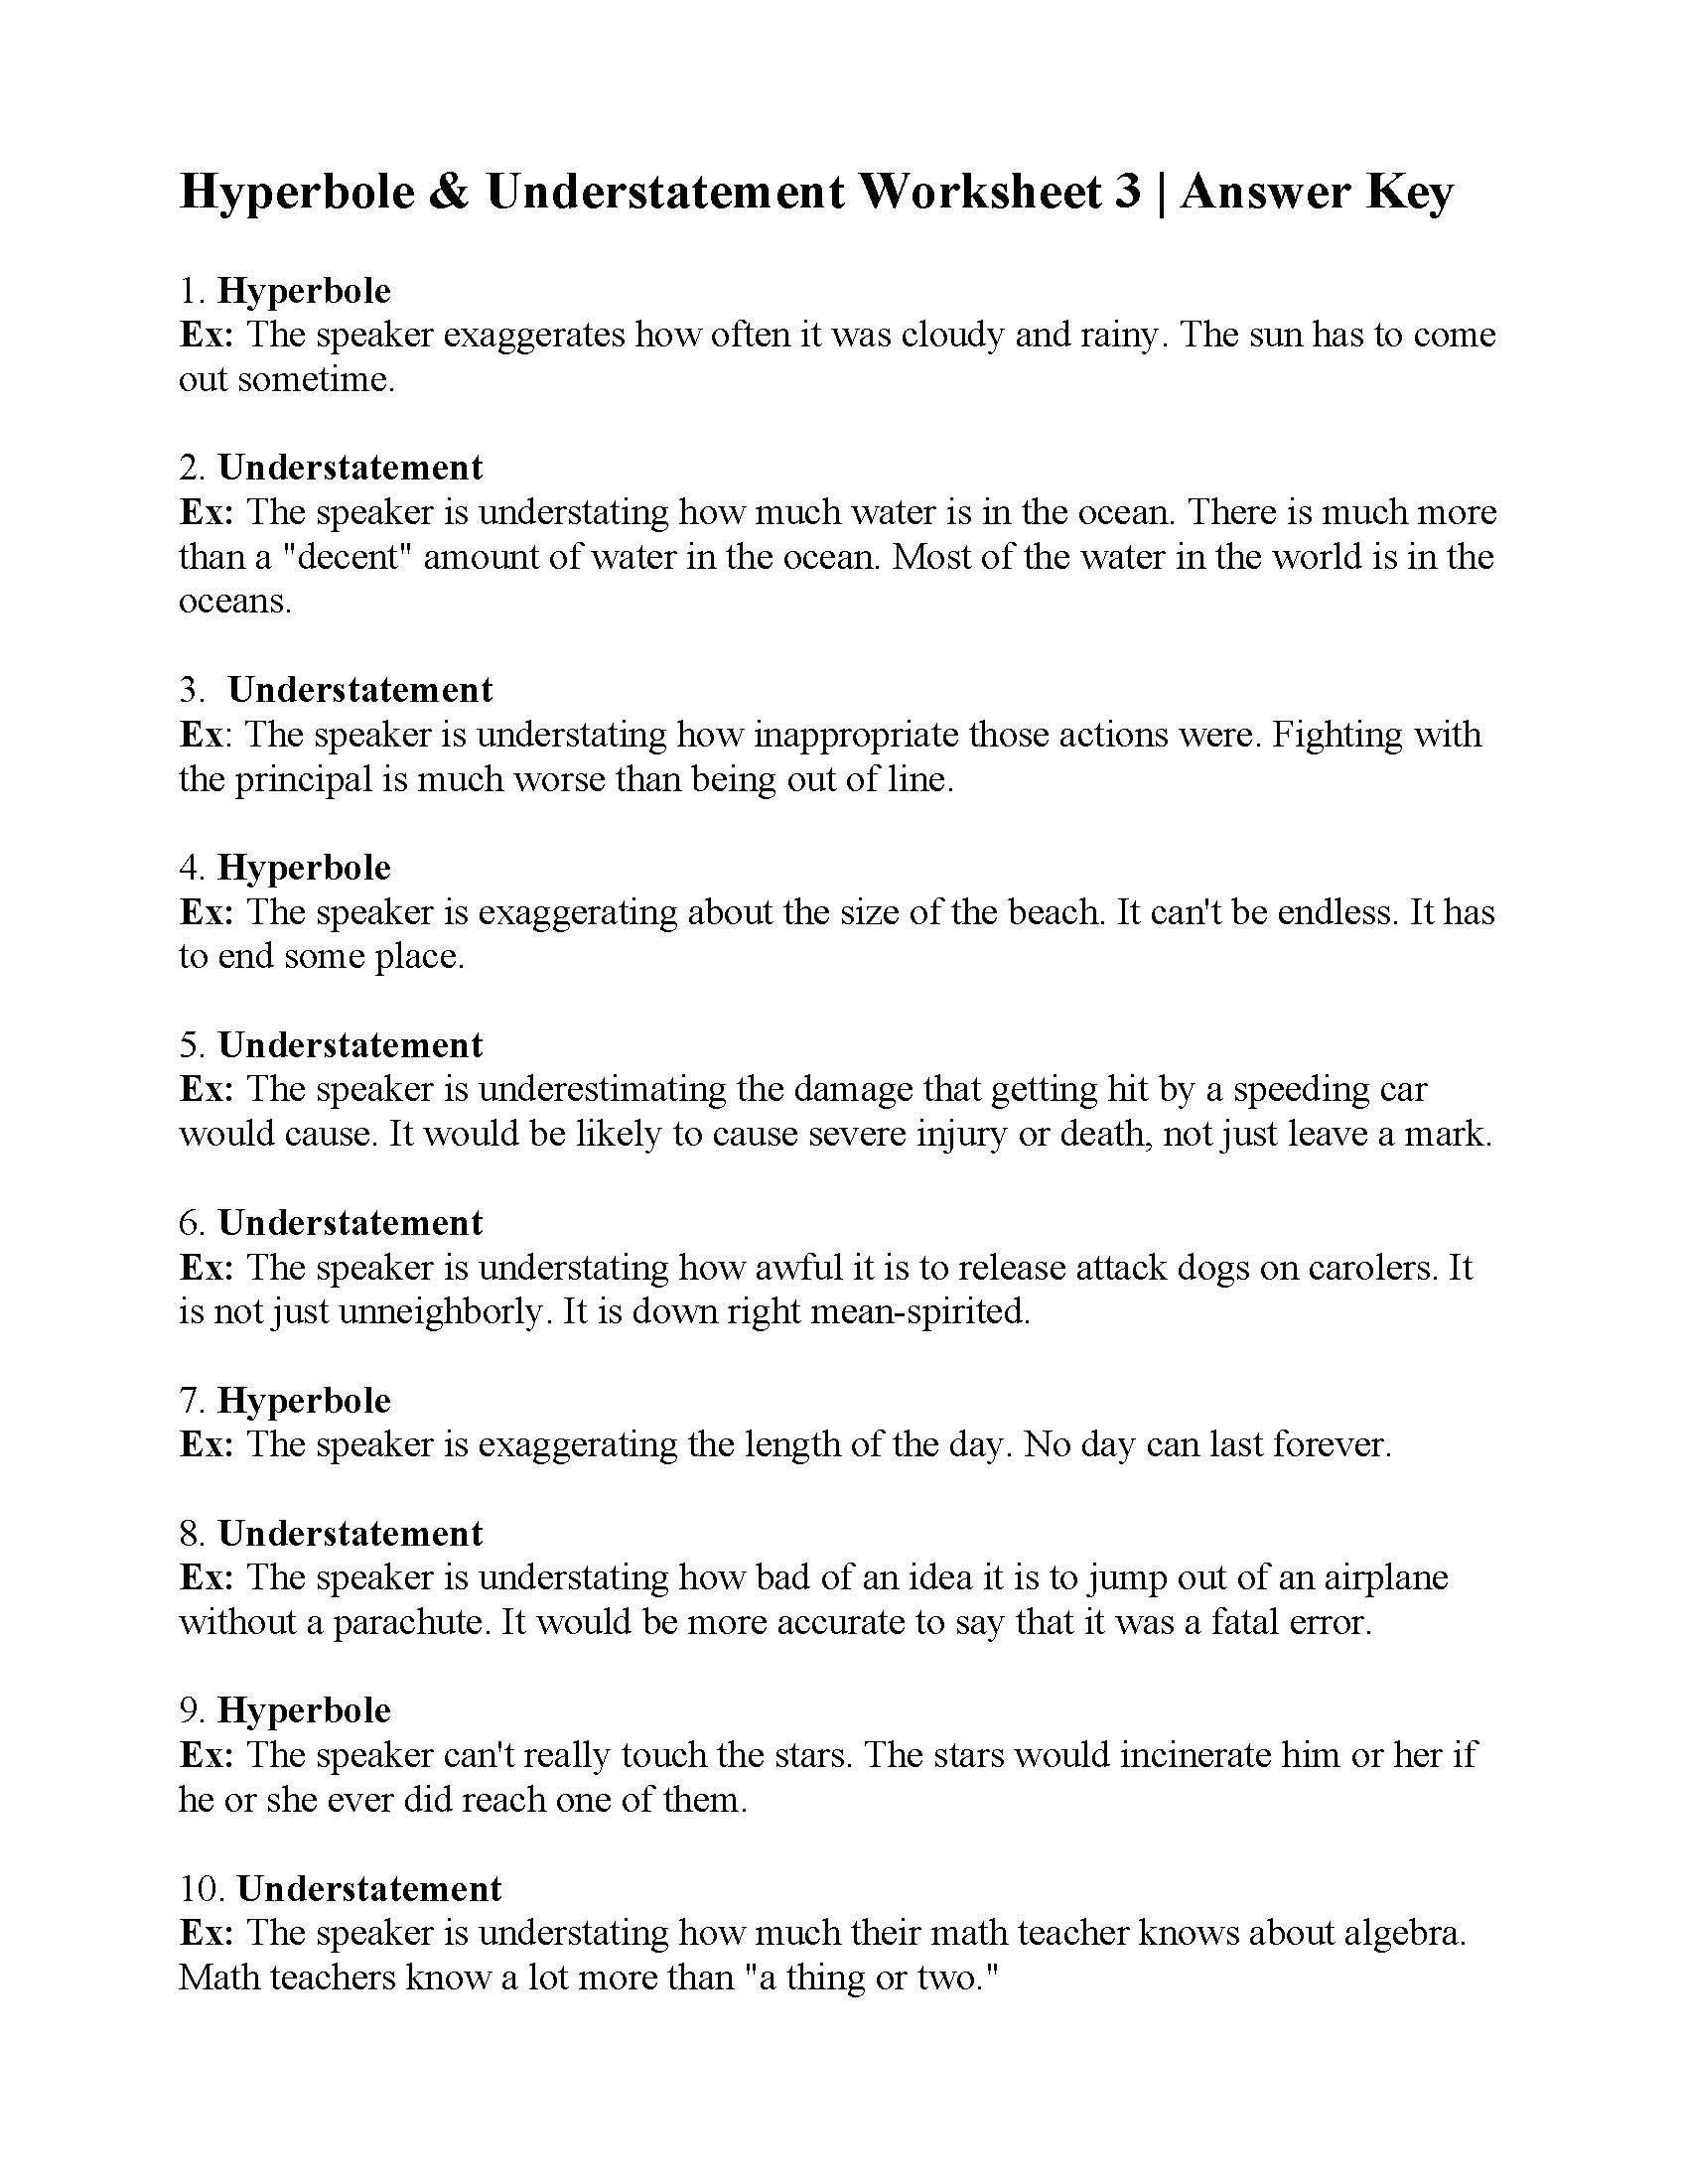 Figurative Language Worksheet 3 Answers